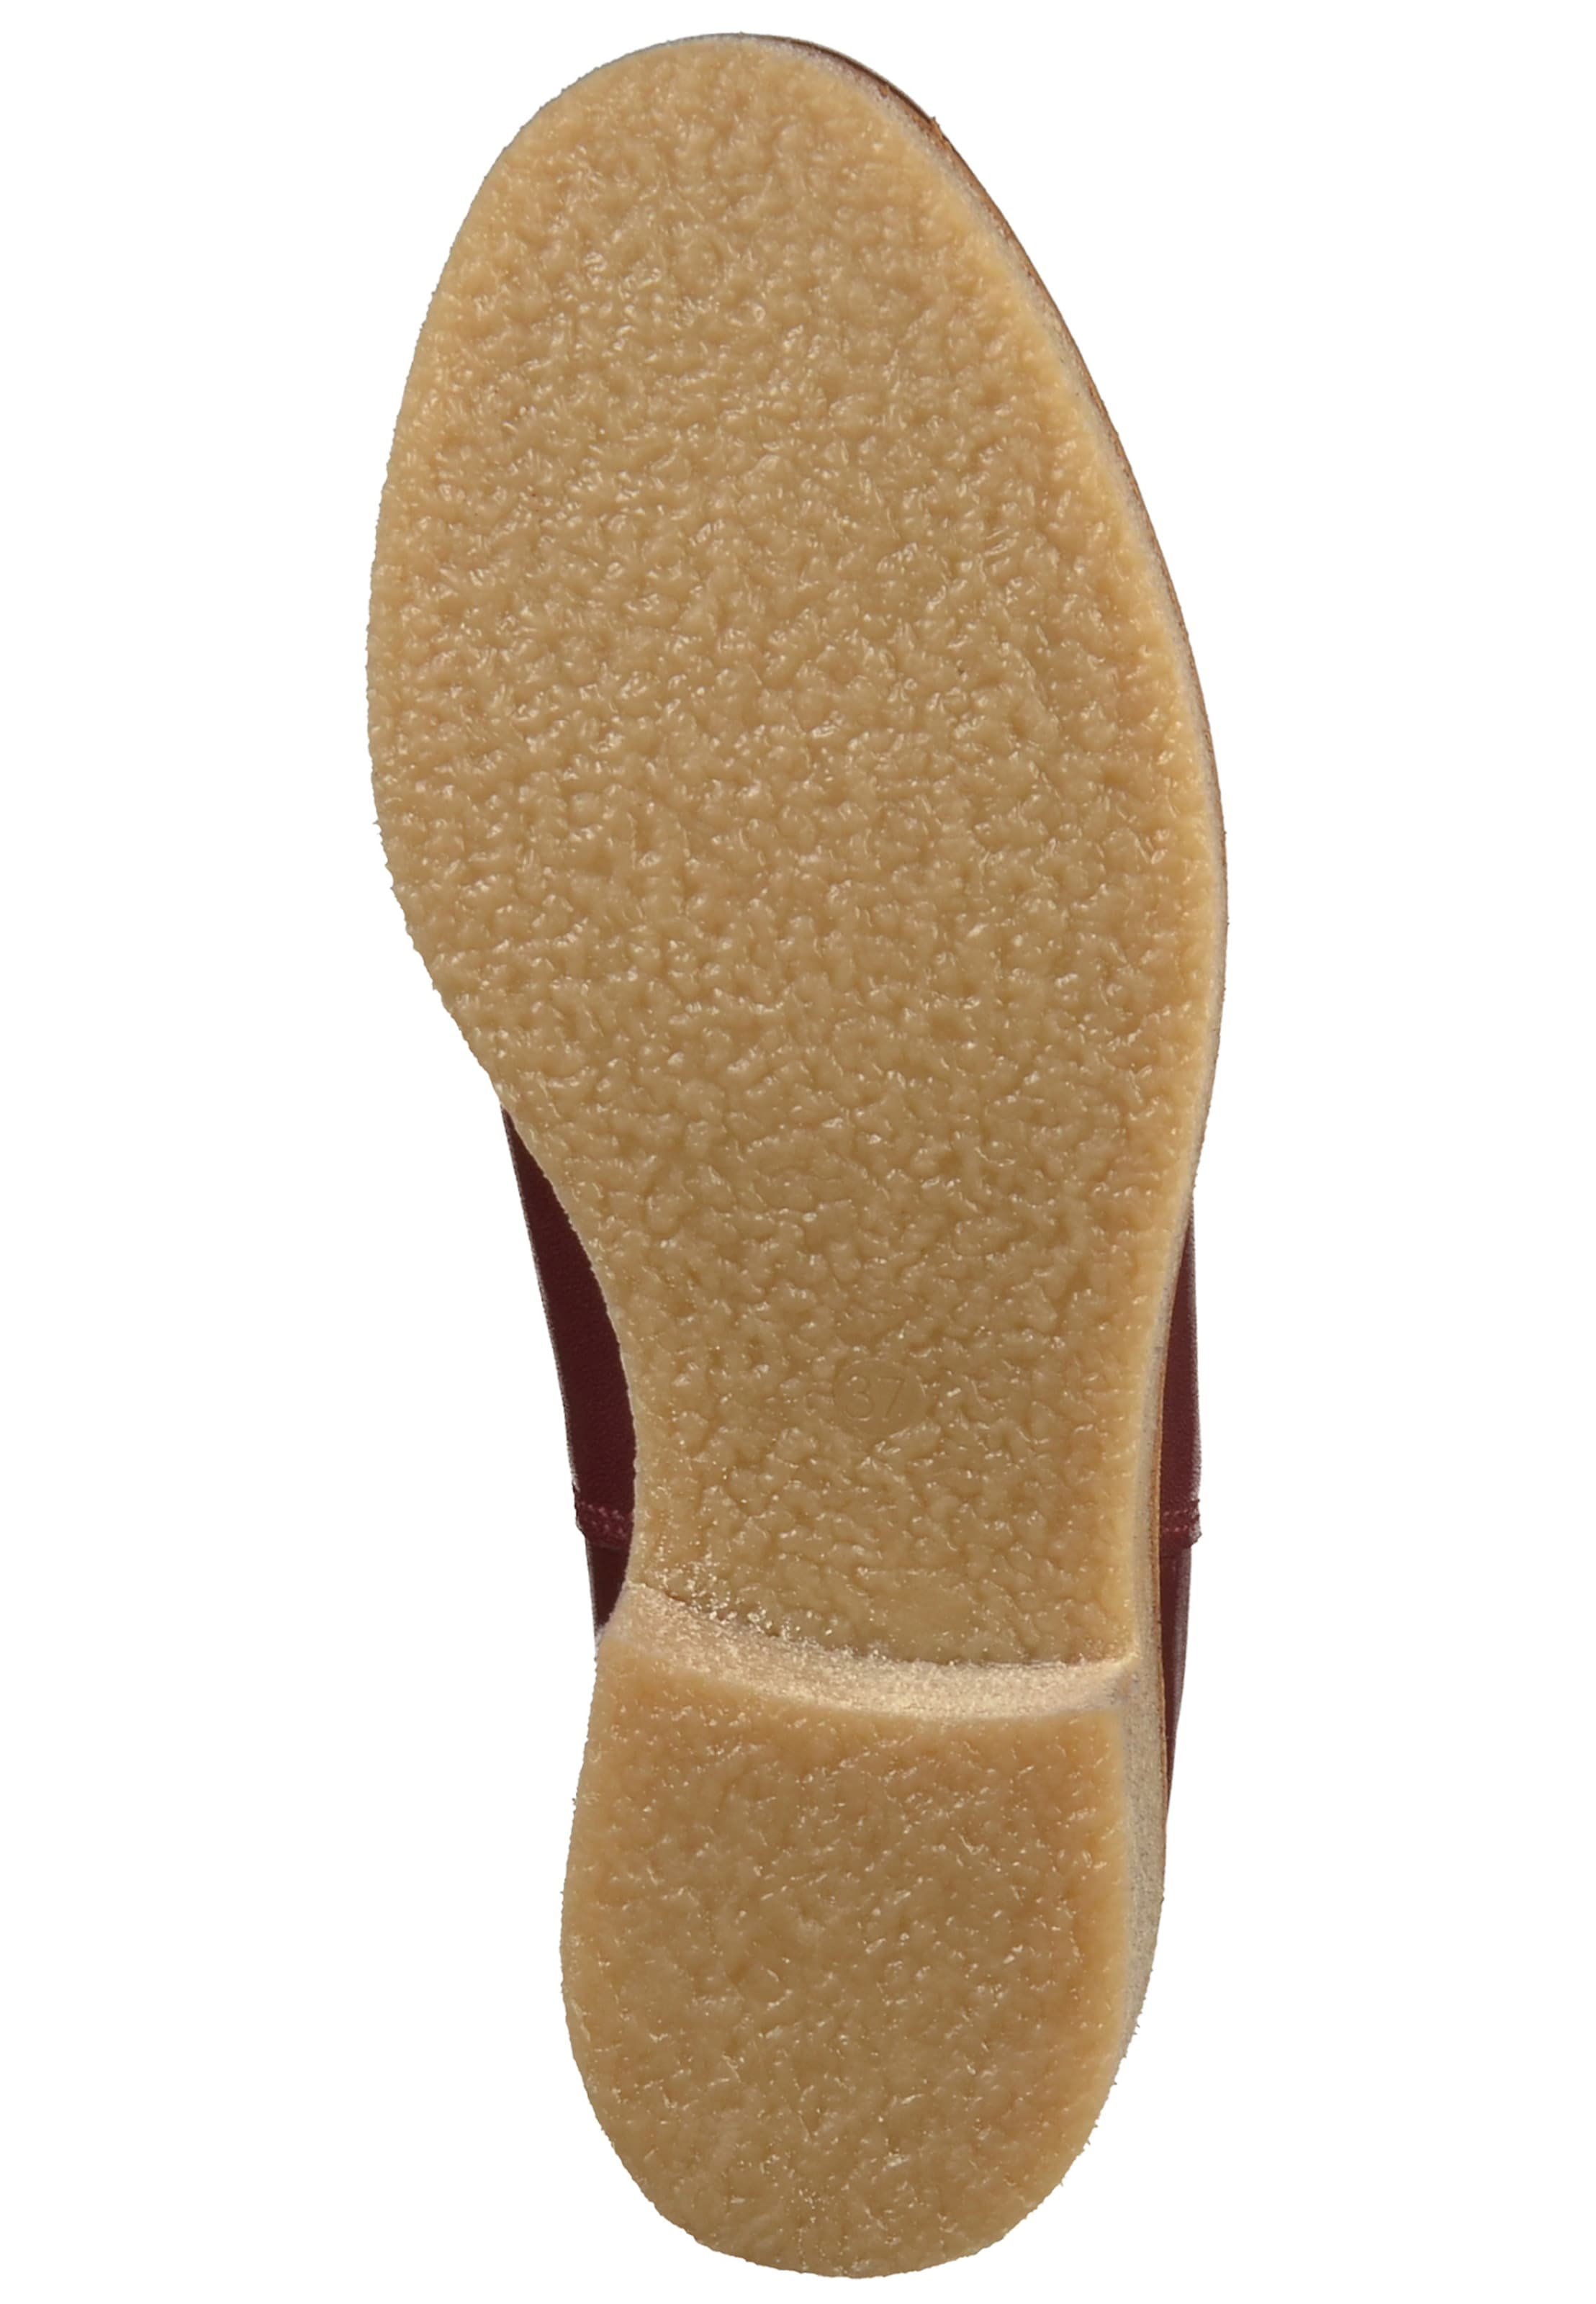 Bensimon Bensimon Bensimon Stiefelette Leder, Textil Wilde Freizeitschuhe 805017